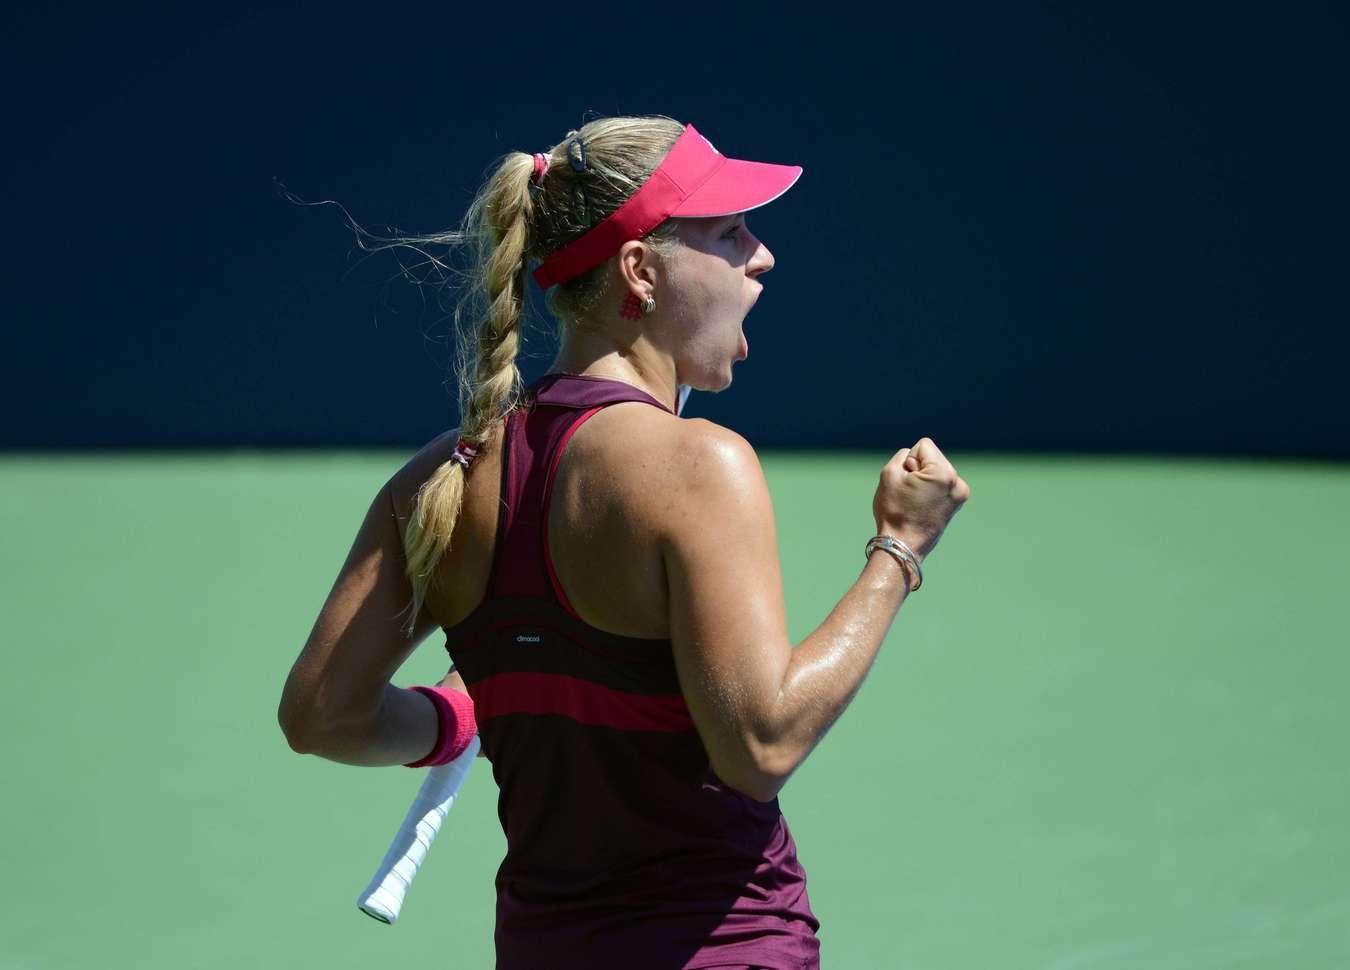 Angelique Kerber U.S. Open tennis tournament in New York